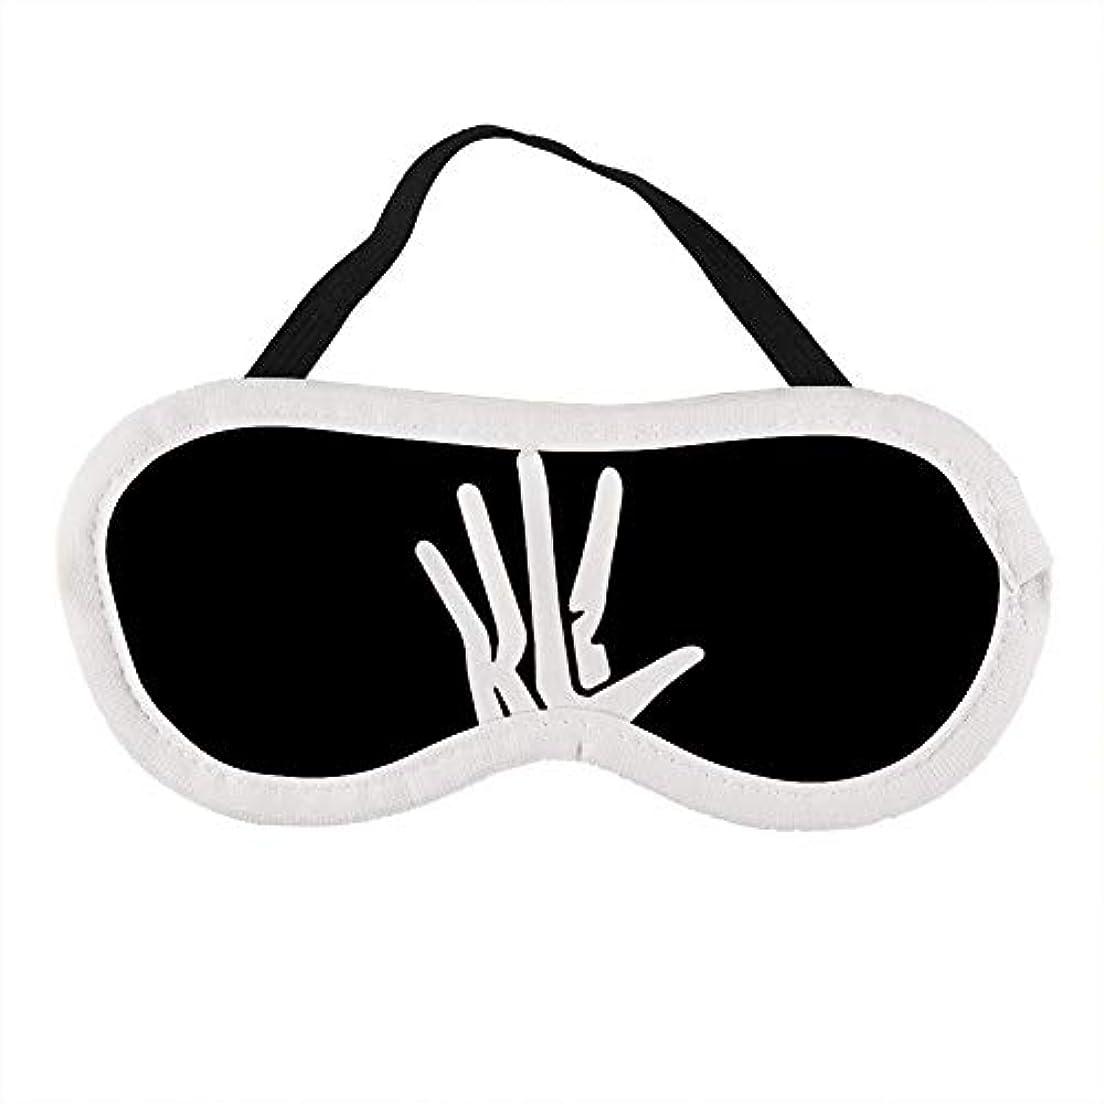 期間パブなめらかカワイ レナード バス 選手 手 ロゴ睡眠旅行のためのファッションソフトスリープアイマスクアイシェード目隠しは、昼寝ブロックライトを作業します